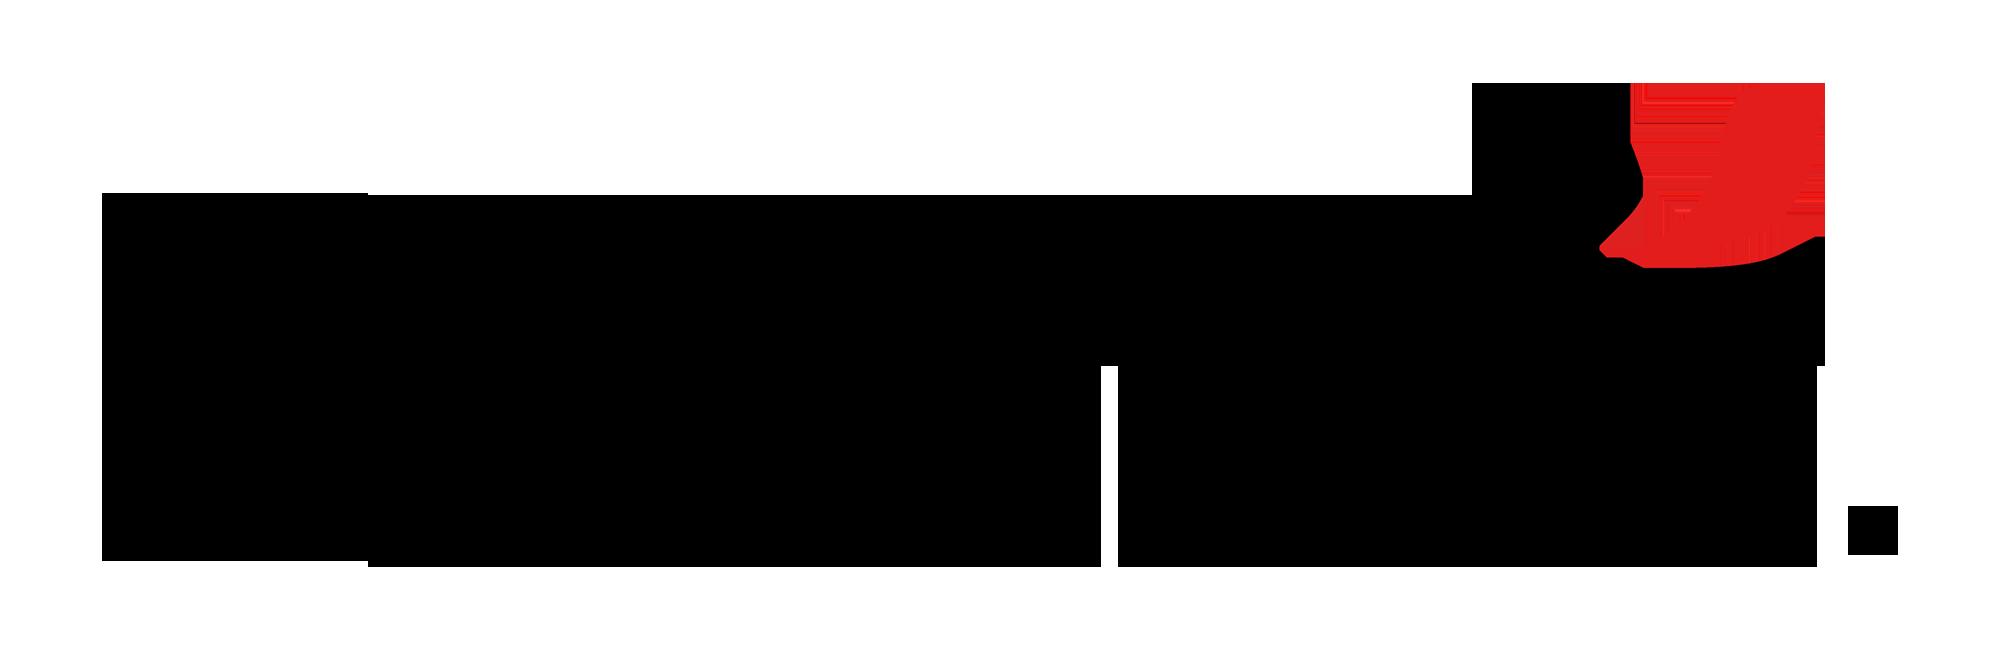 nescafe_Logo-shopify-butik-innovativemedia.se